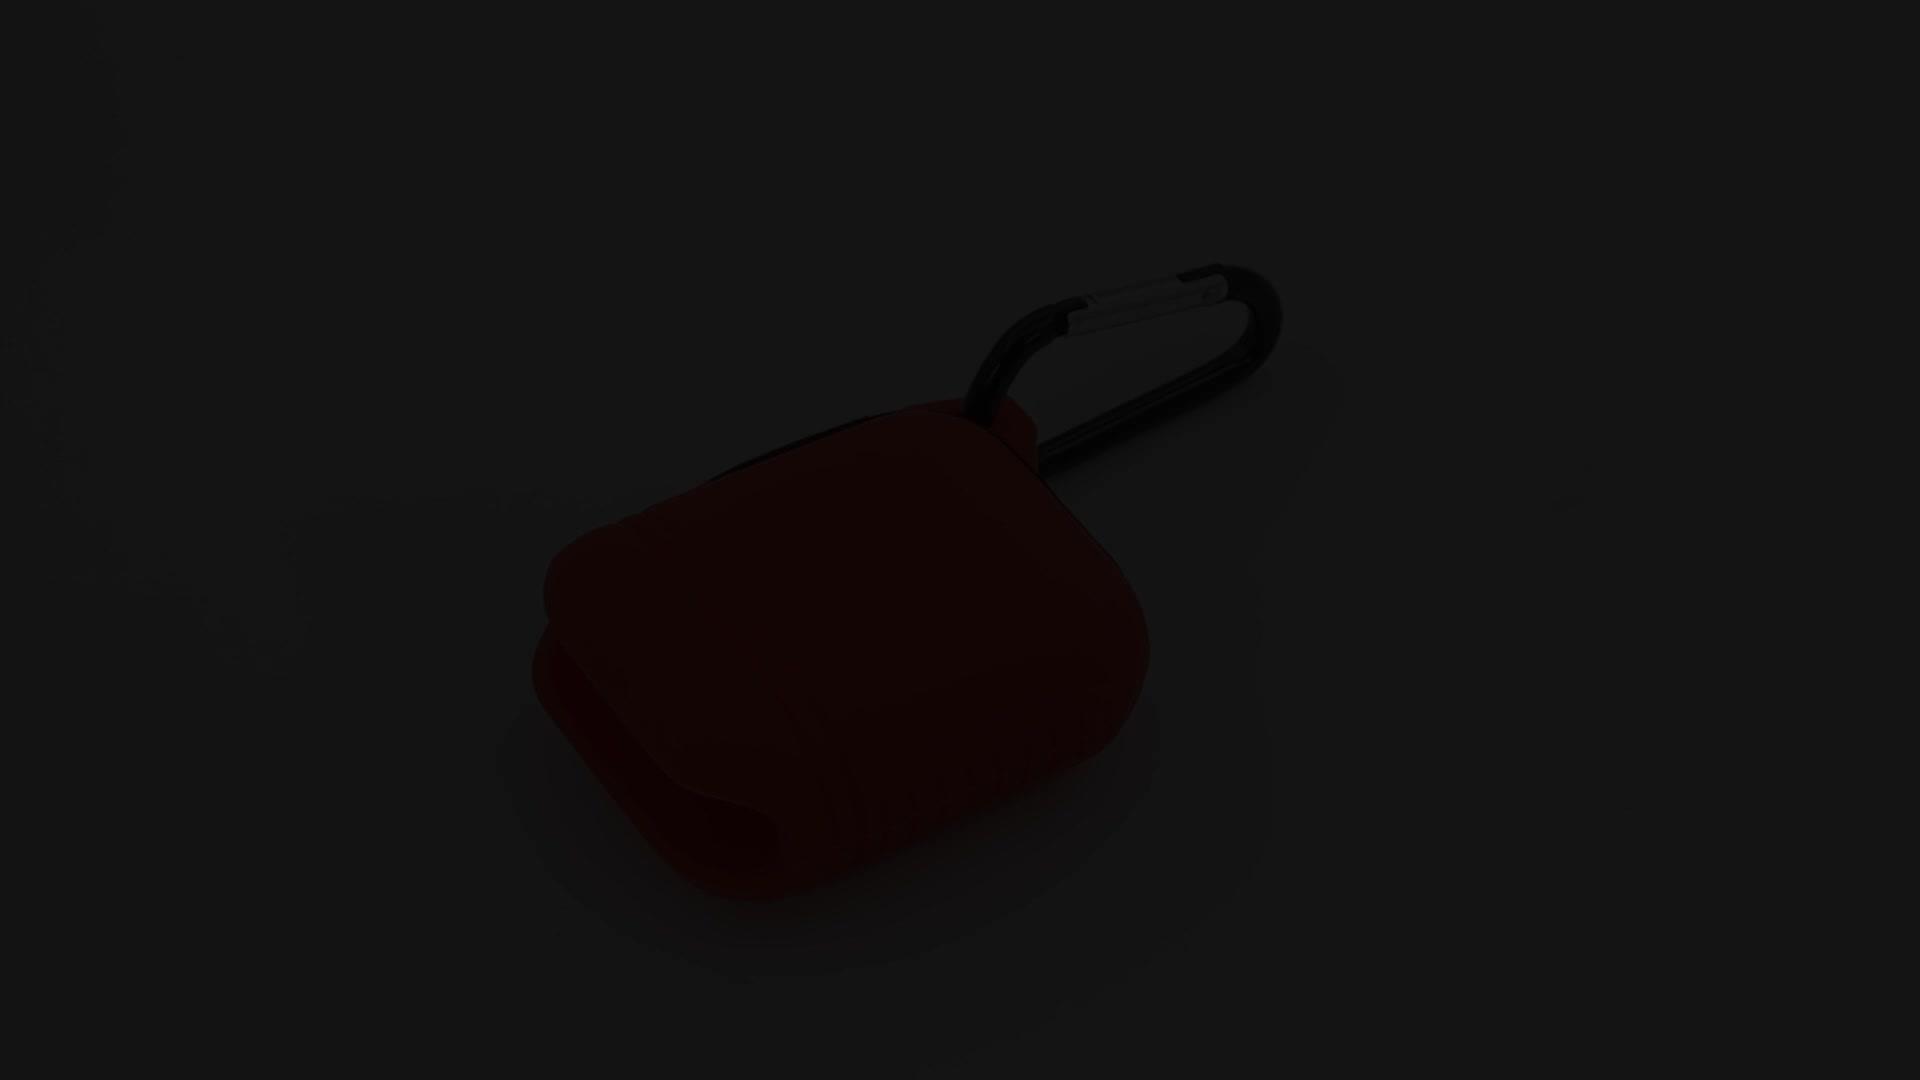 Nuovo prodotto OEM originale nero cassa del silicone del trasduttore auricolare senza fili di trasporto per apple airpods